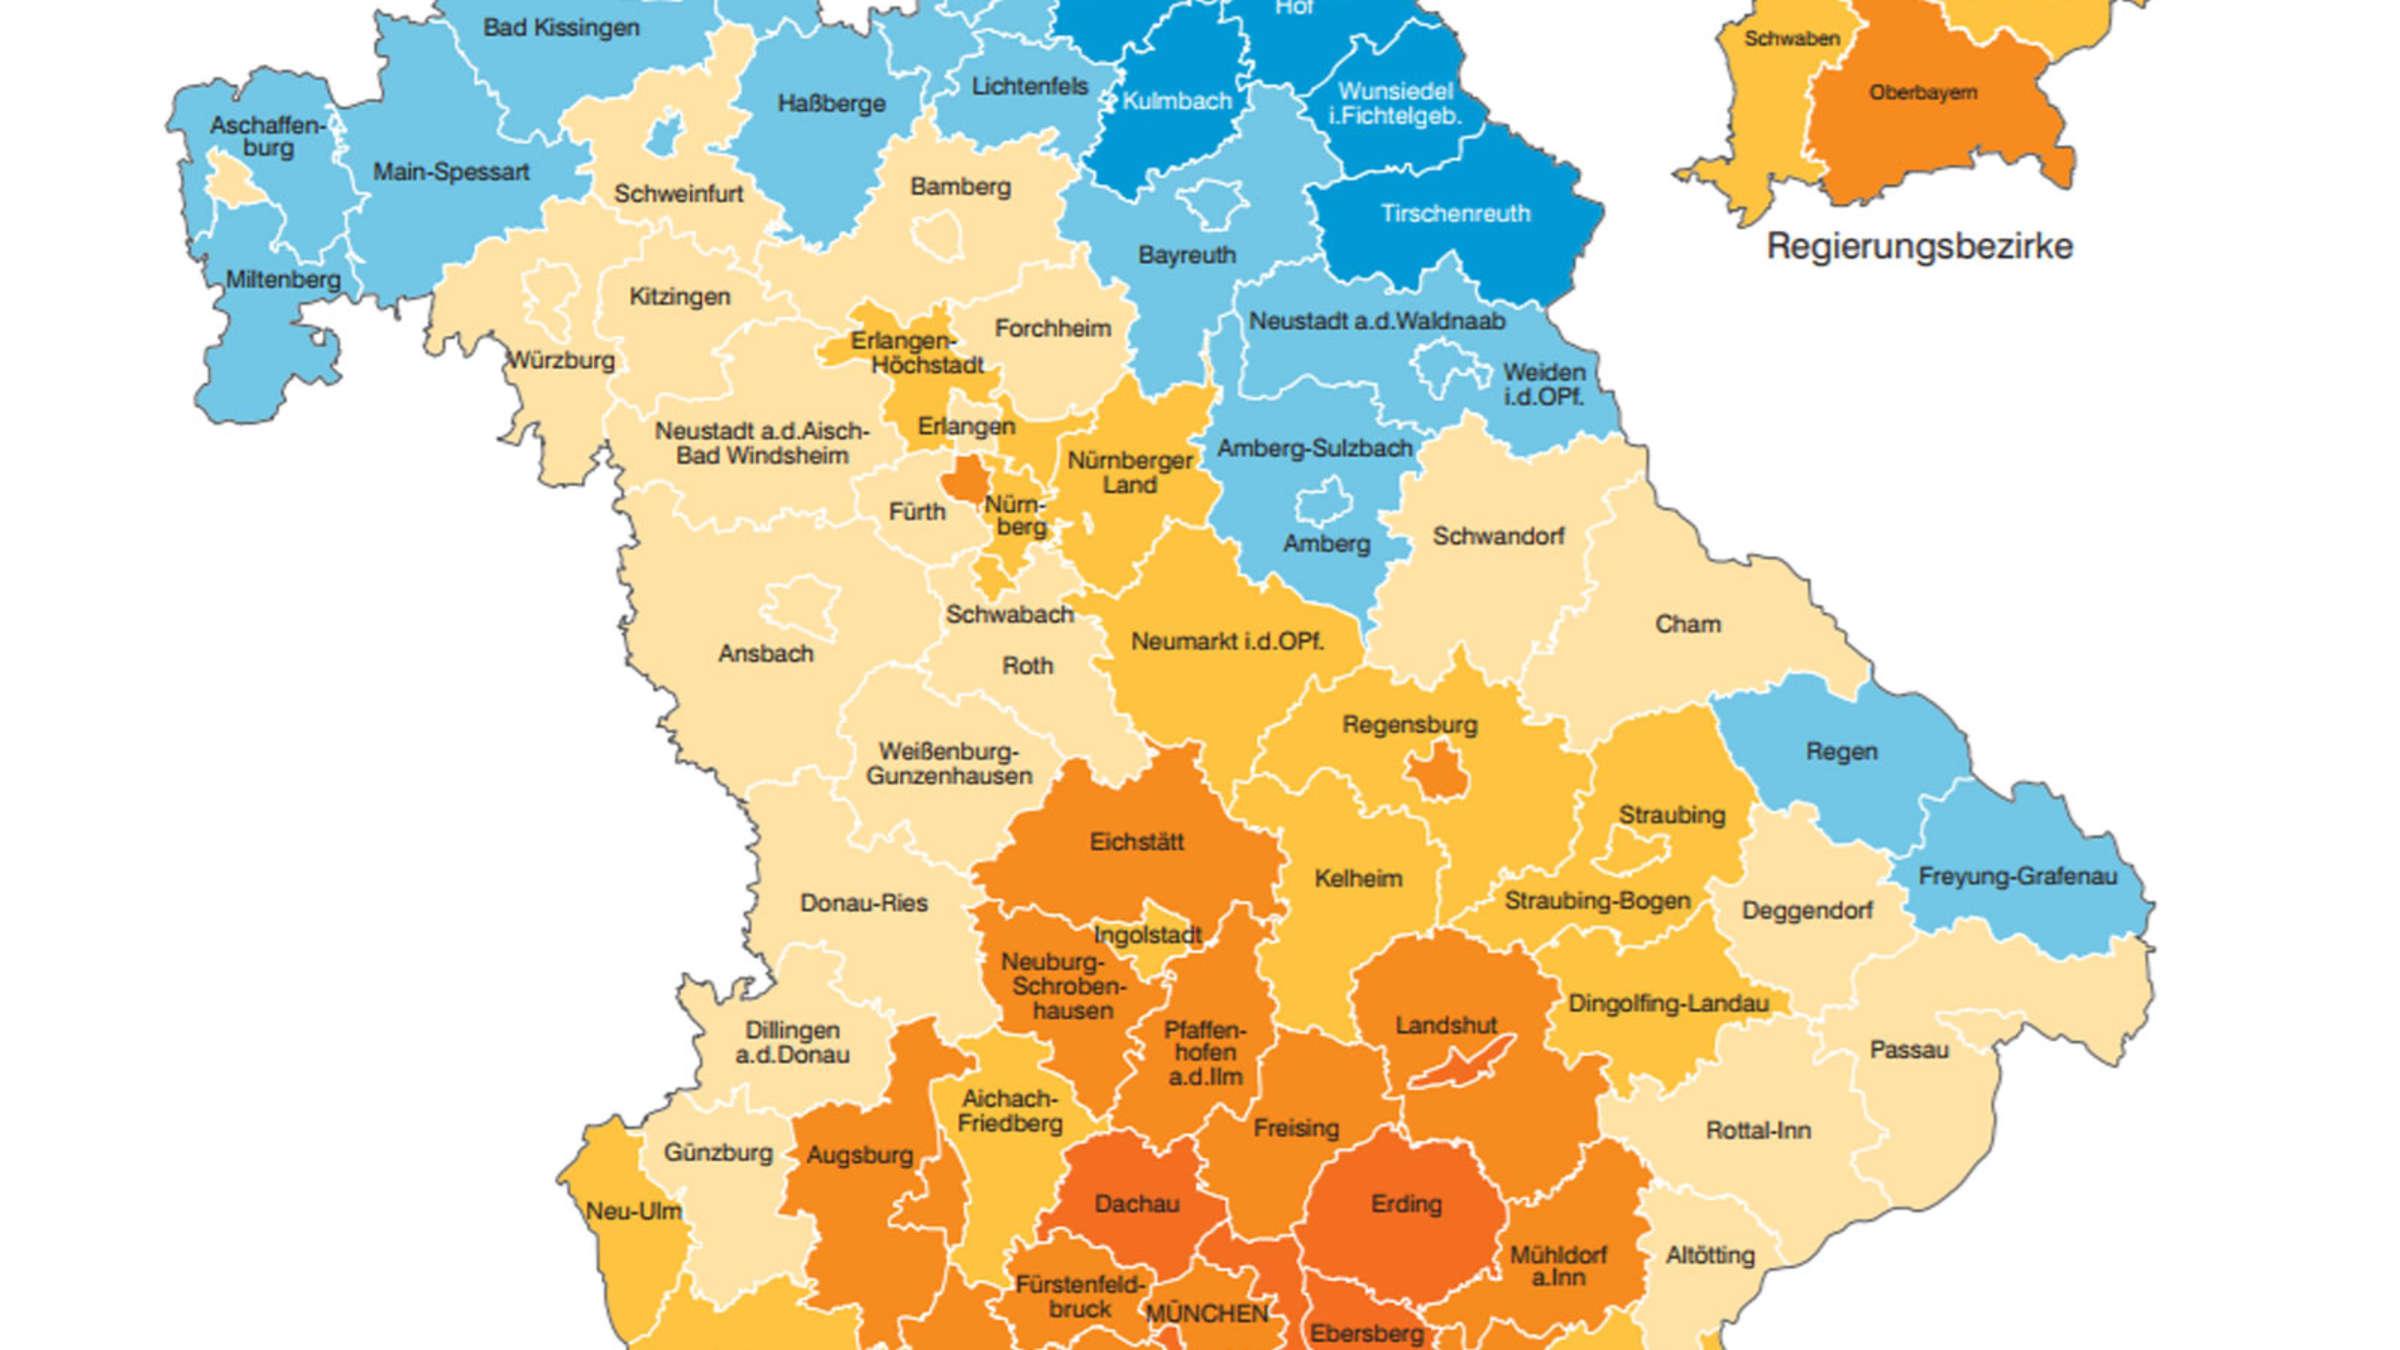 Bayern In Welche Landkreisen Die Zuagroasten Hinziehen Bayern